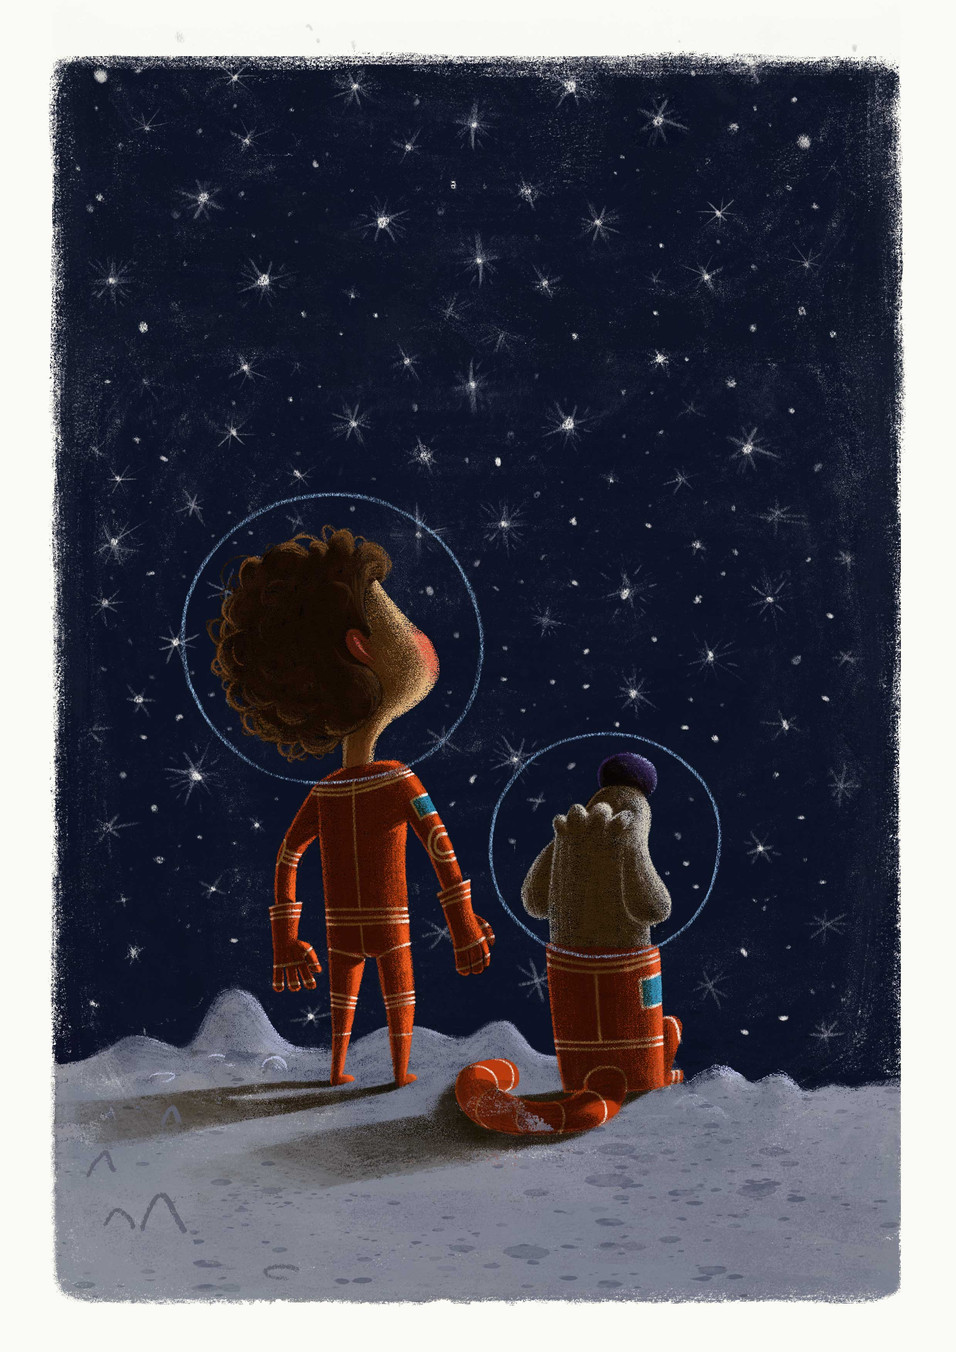 27.Friends-in-space-A4.jpg